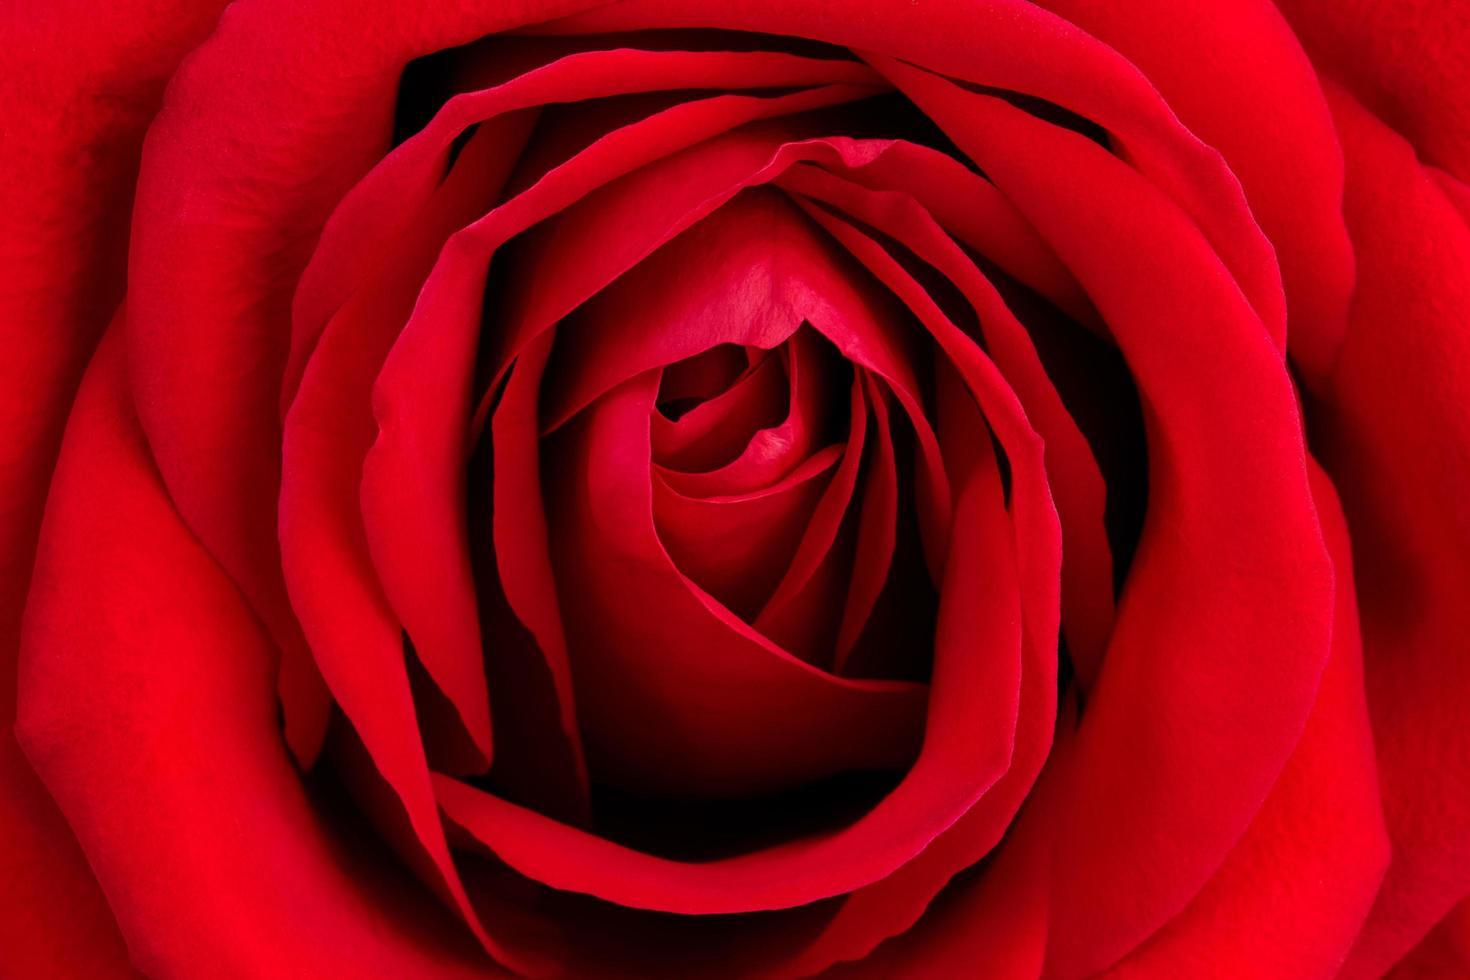 Hintergrund aus frischer roter Rose foto